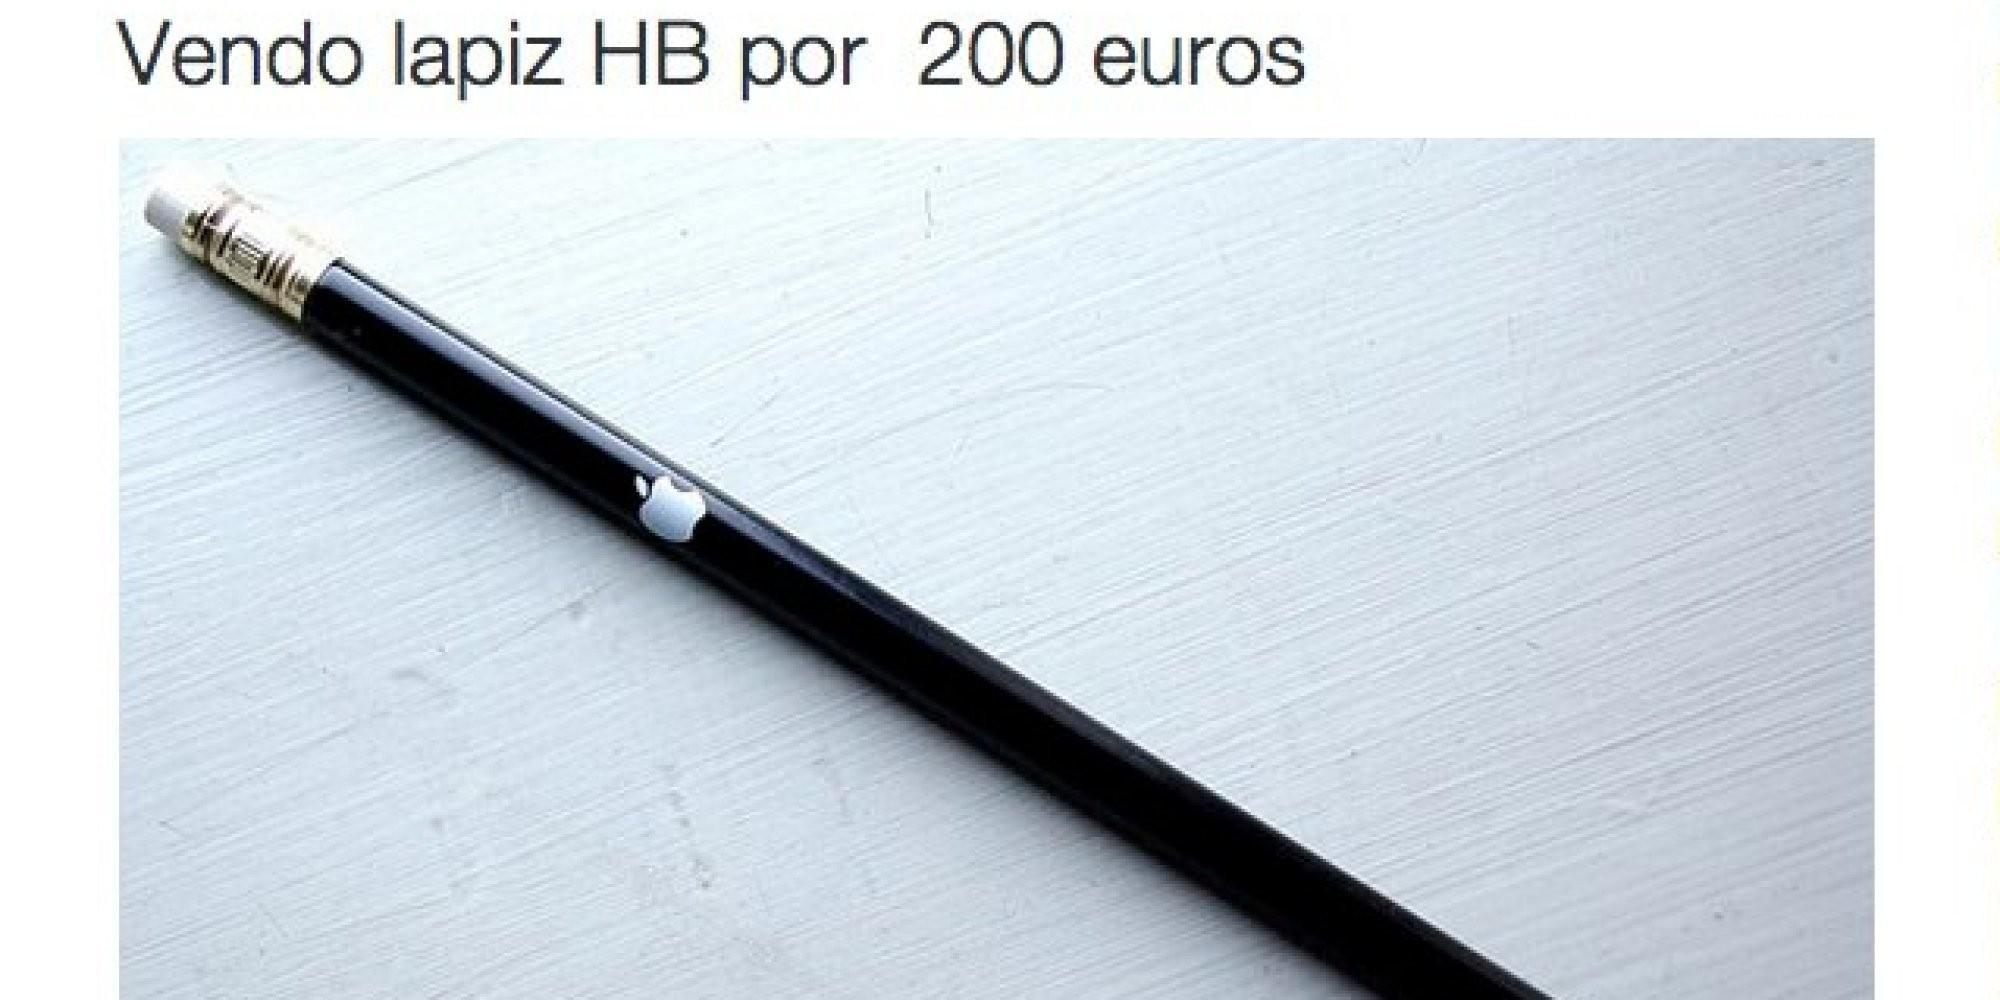 El cachondeo en Twitter con el nuevo lápiz de Apple